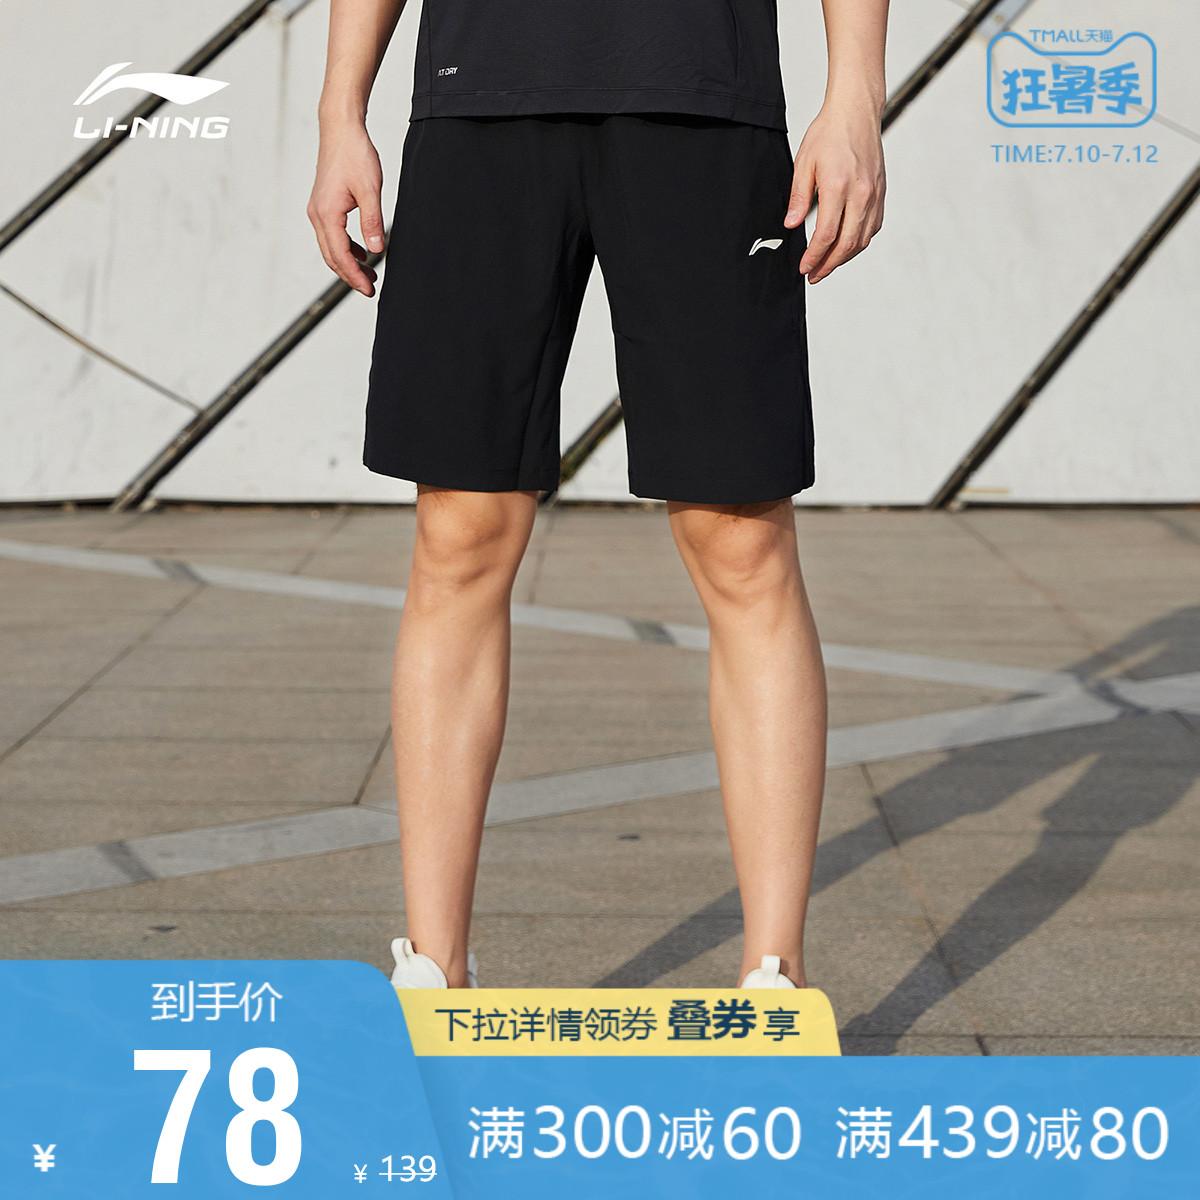 李宁运动短裤男士训练系列夏季梭织健身跑步速干运动裤男